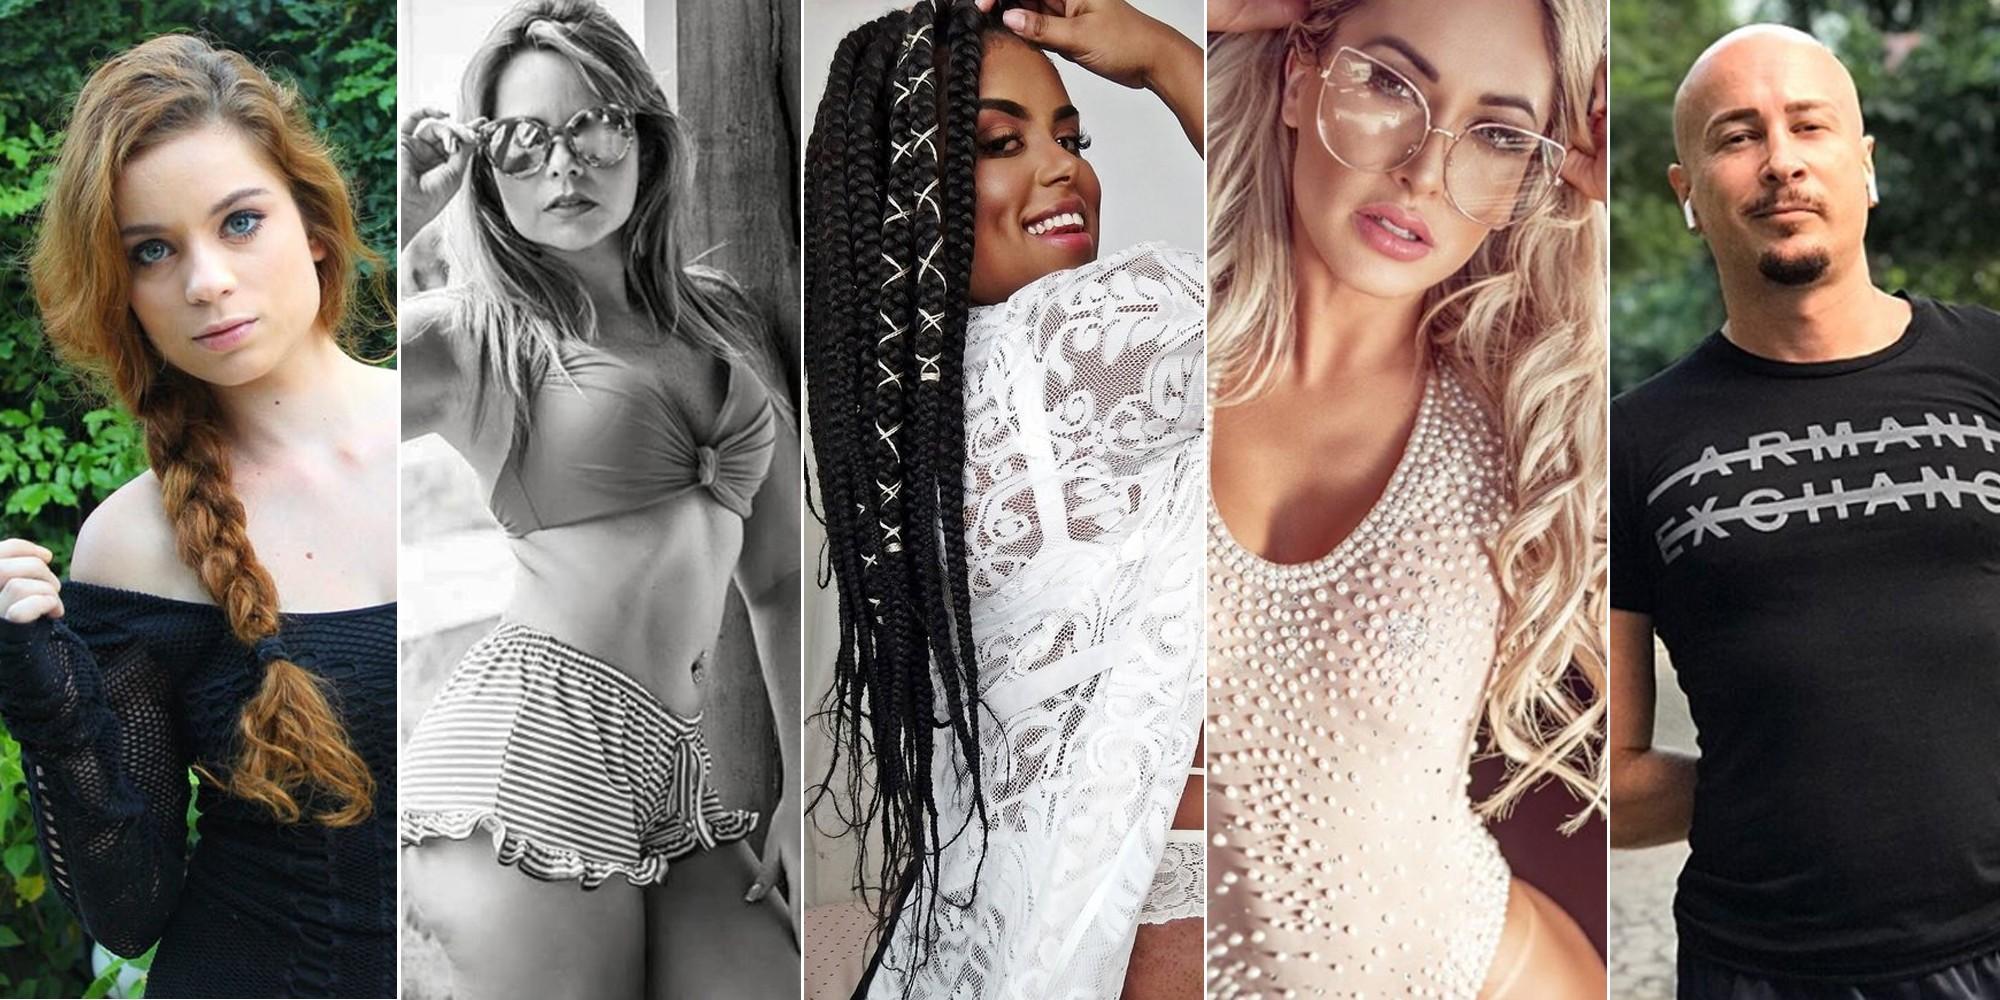 OnlyFans: site que permite vender nudes cresce no Brasil e amplia mercado de 'influencers do sexo'